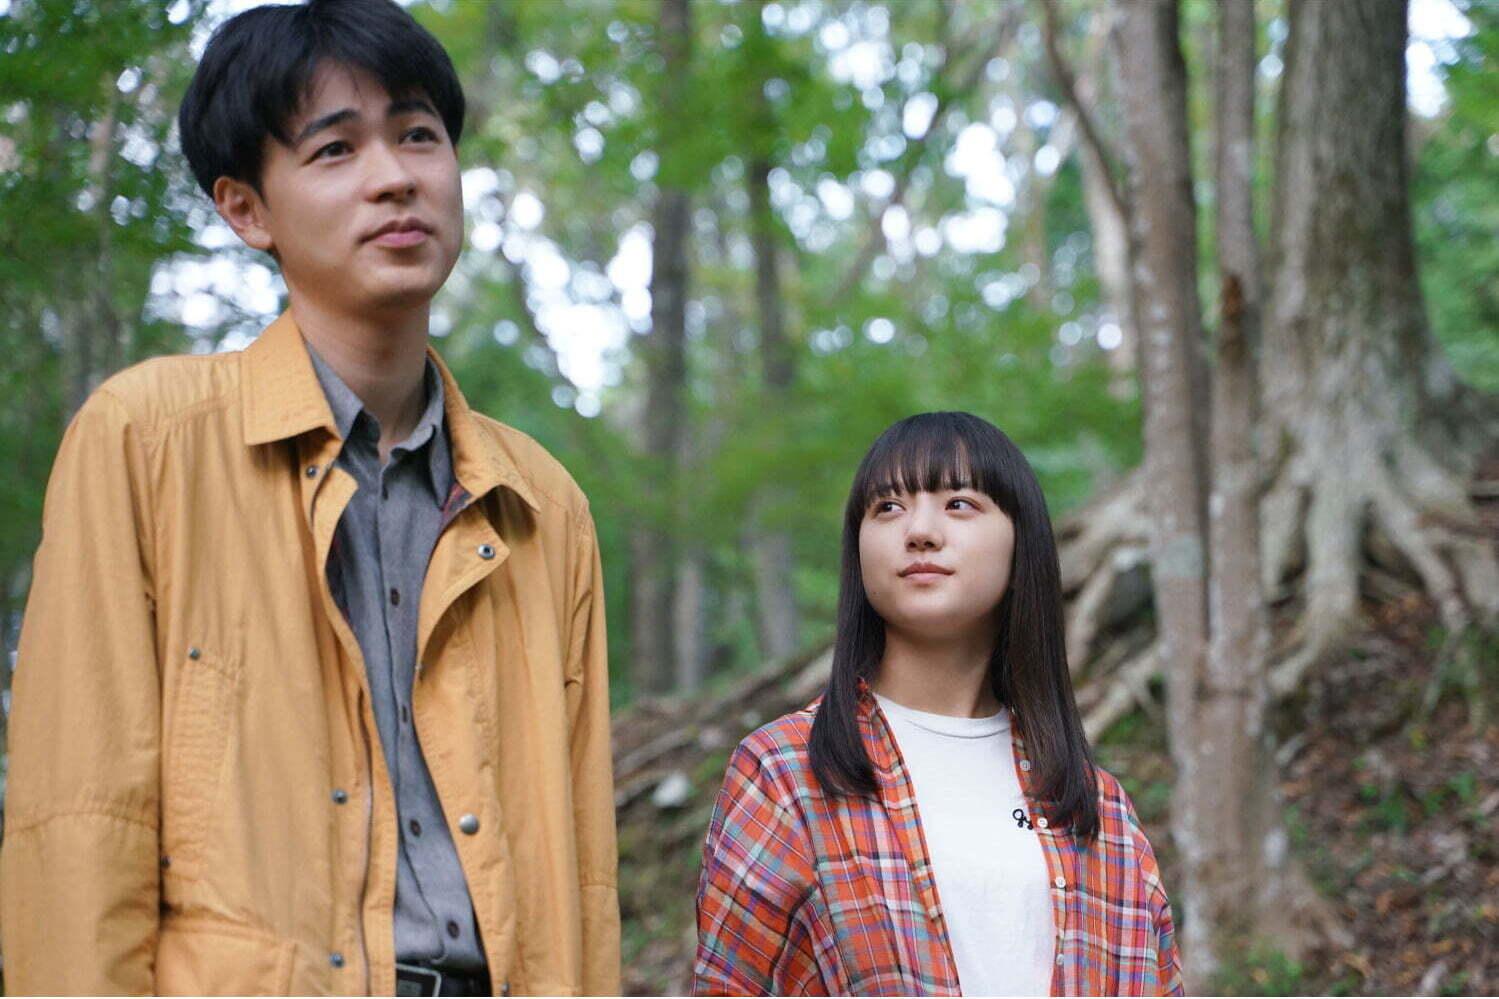 映画『まともじゃないのは君も一緒』成田凌×清原果耶が、不器用な予備校講師と女子生徒の間柄に - ファッションプレス